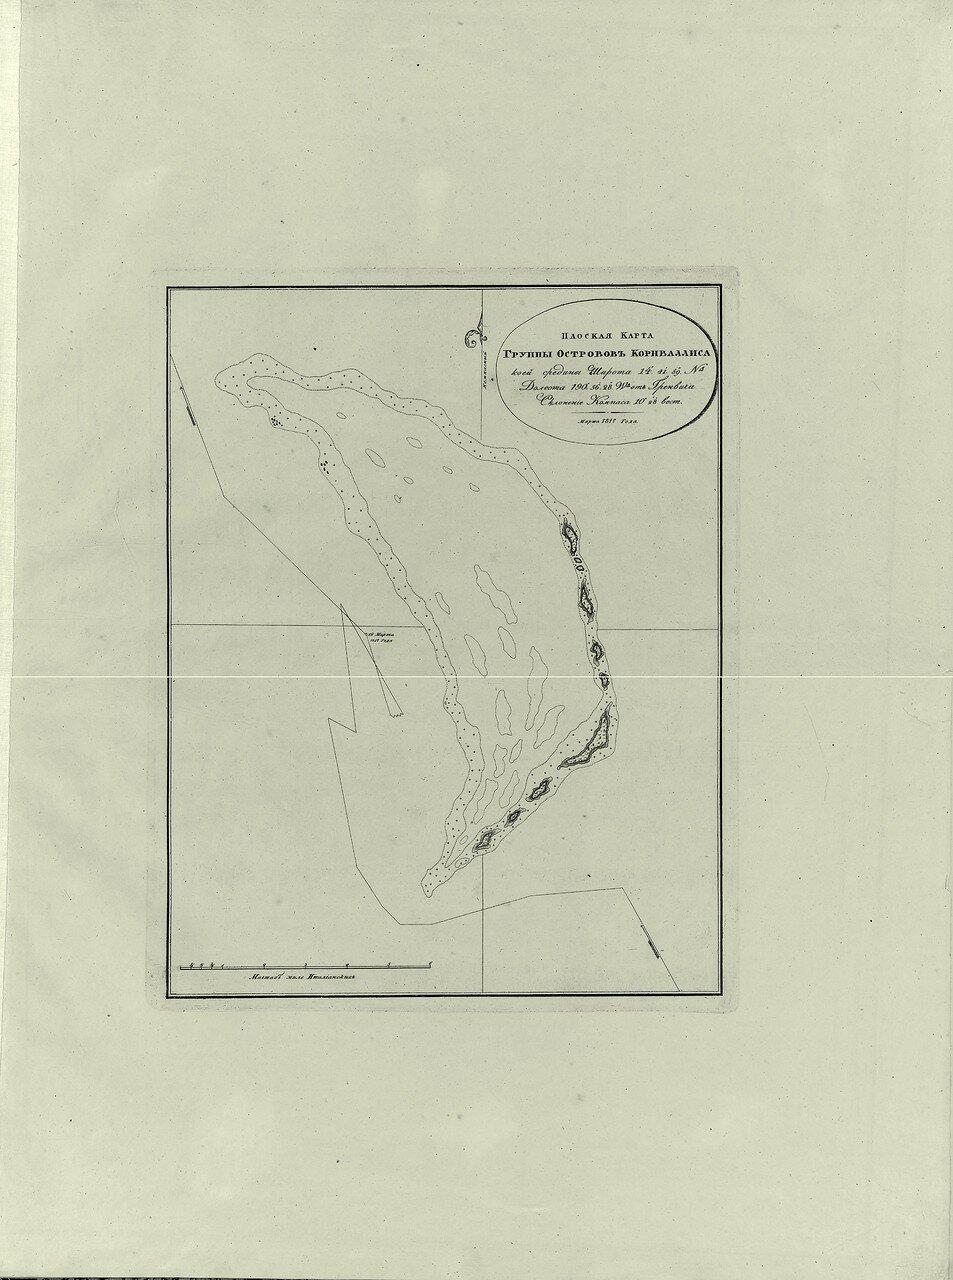 18. Плоская карта островов Корнвалисса. Марта 1817 года